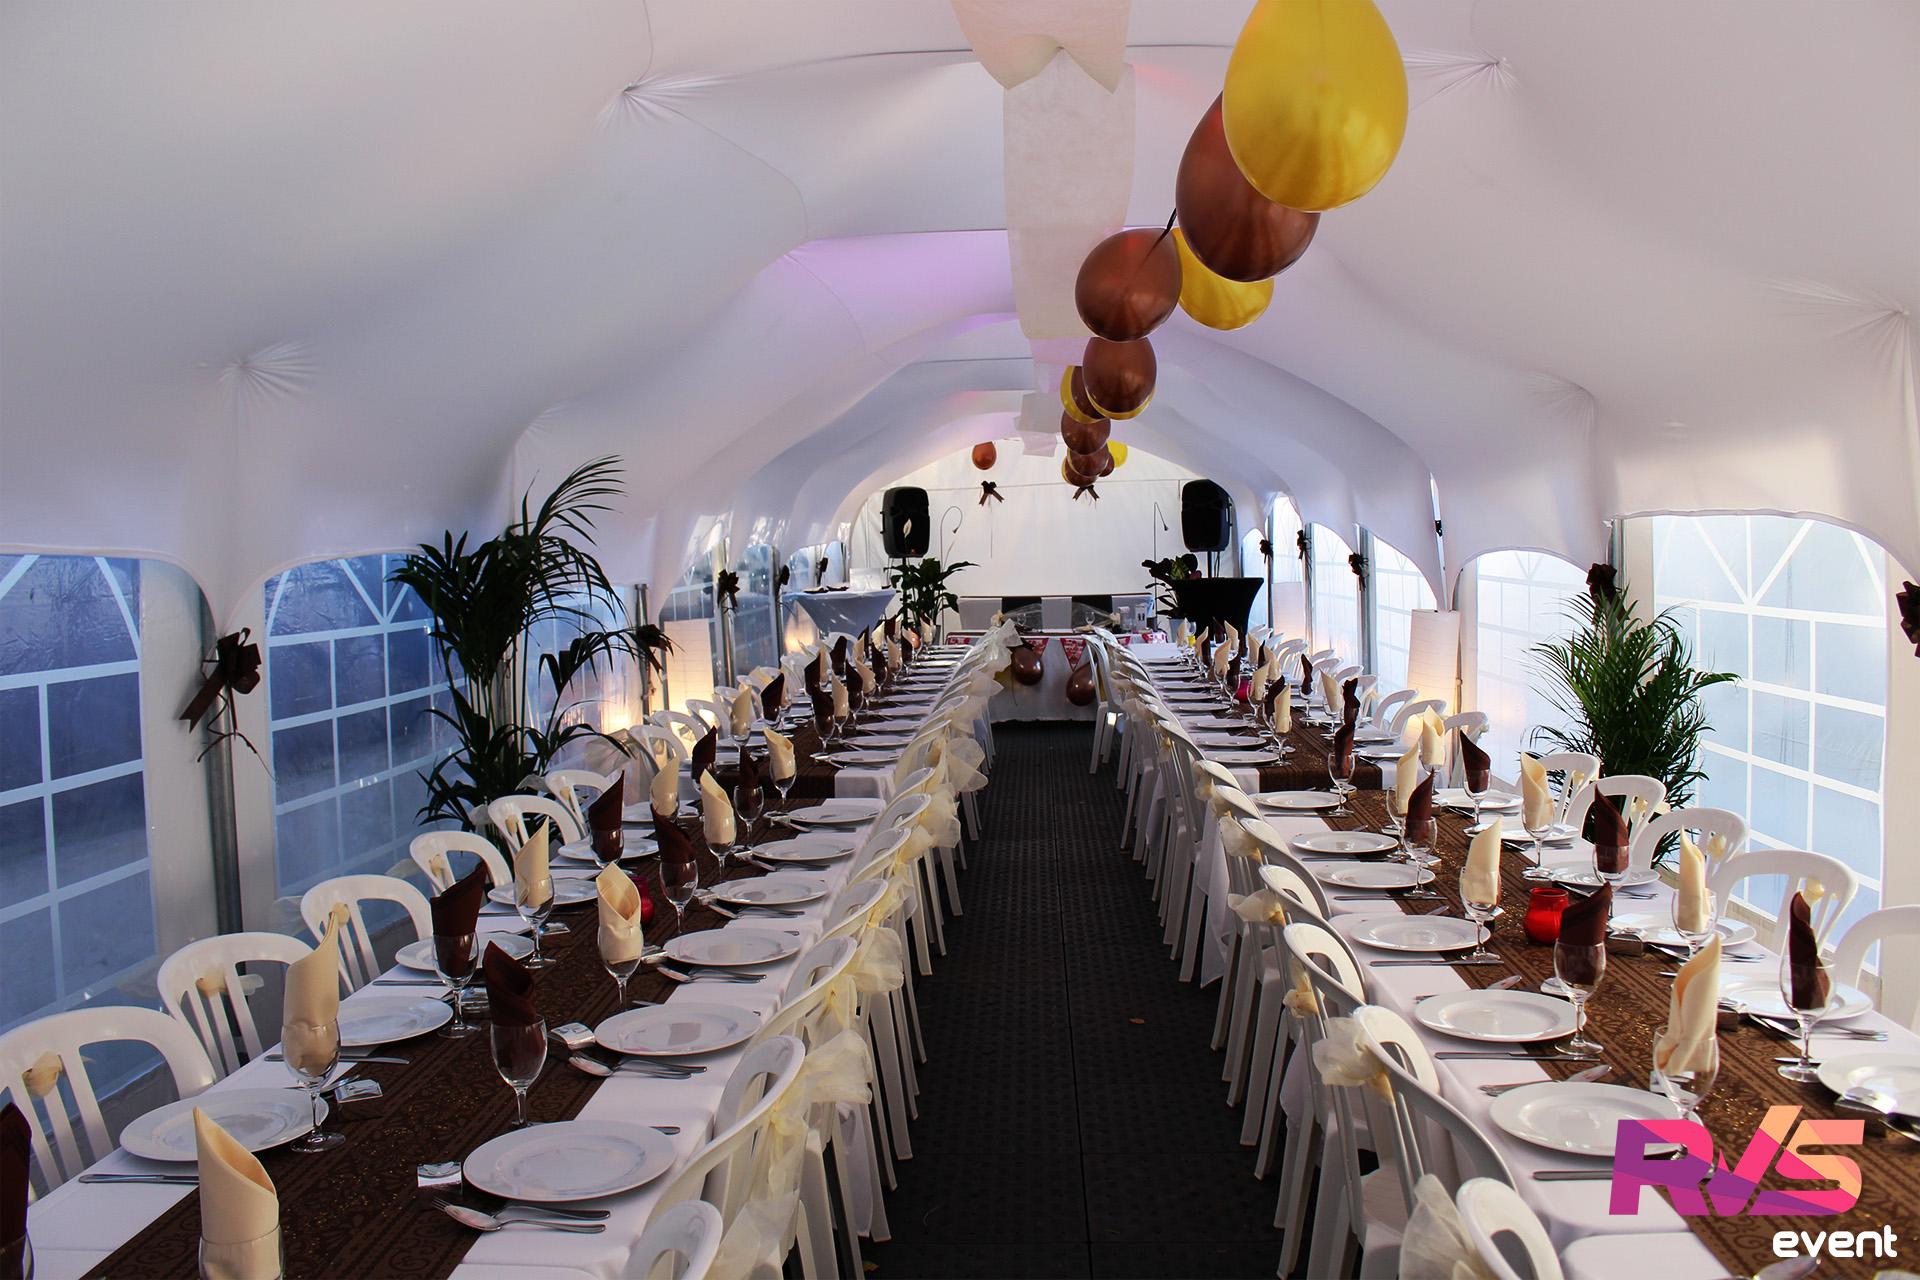 Mariage sous tente de r ception location rvs event for Decoration en france